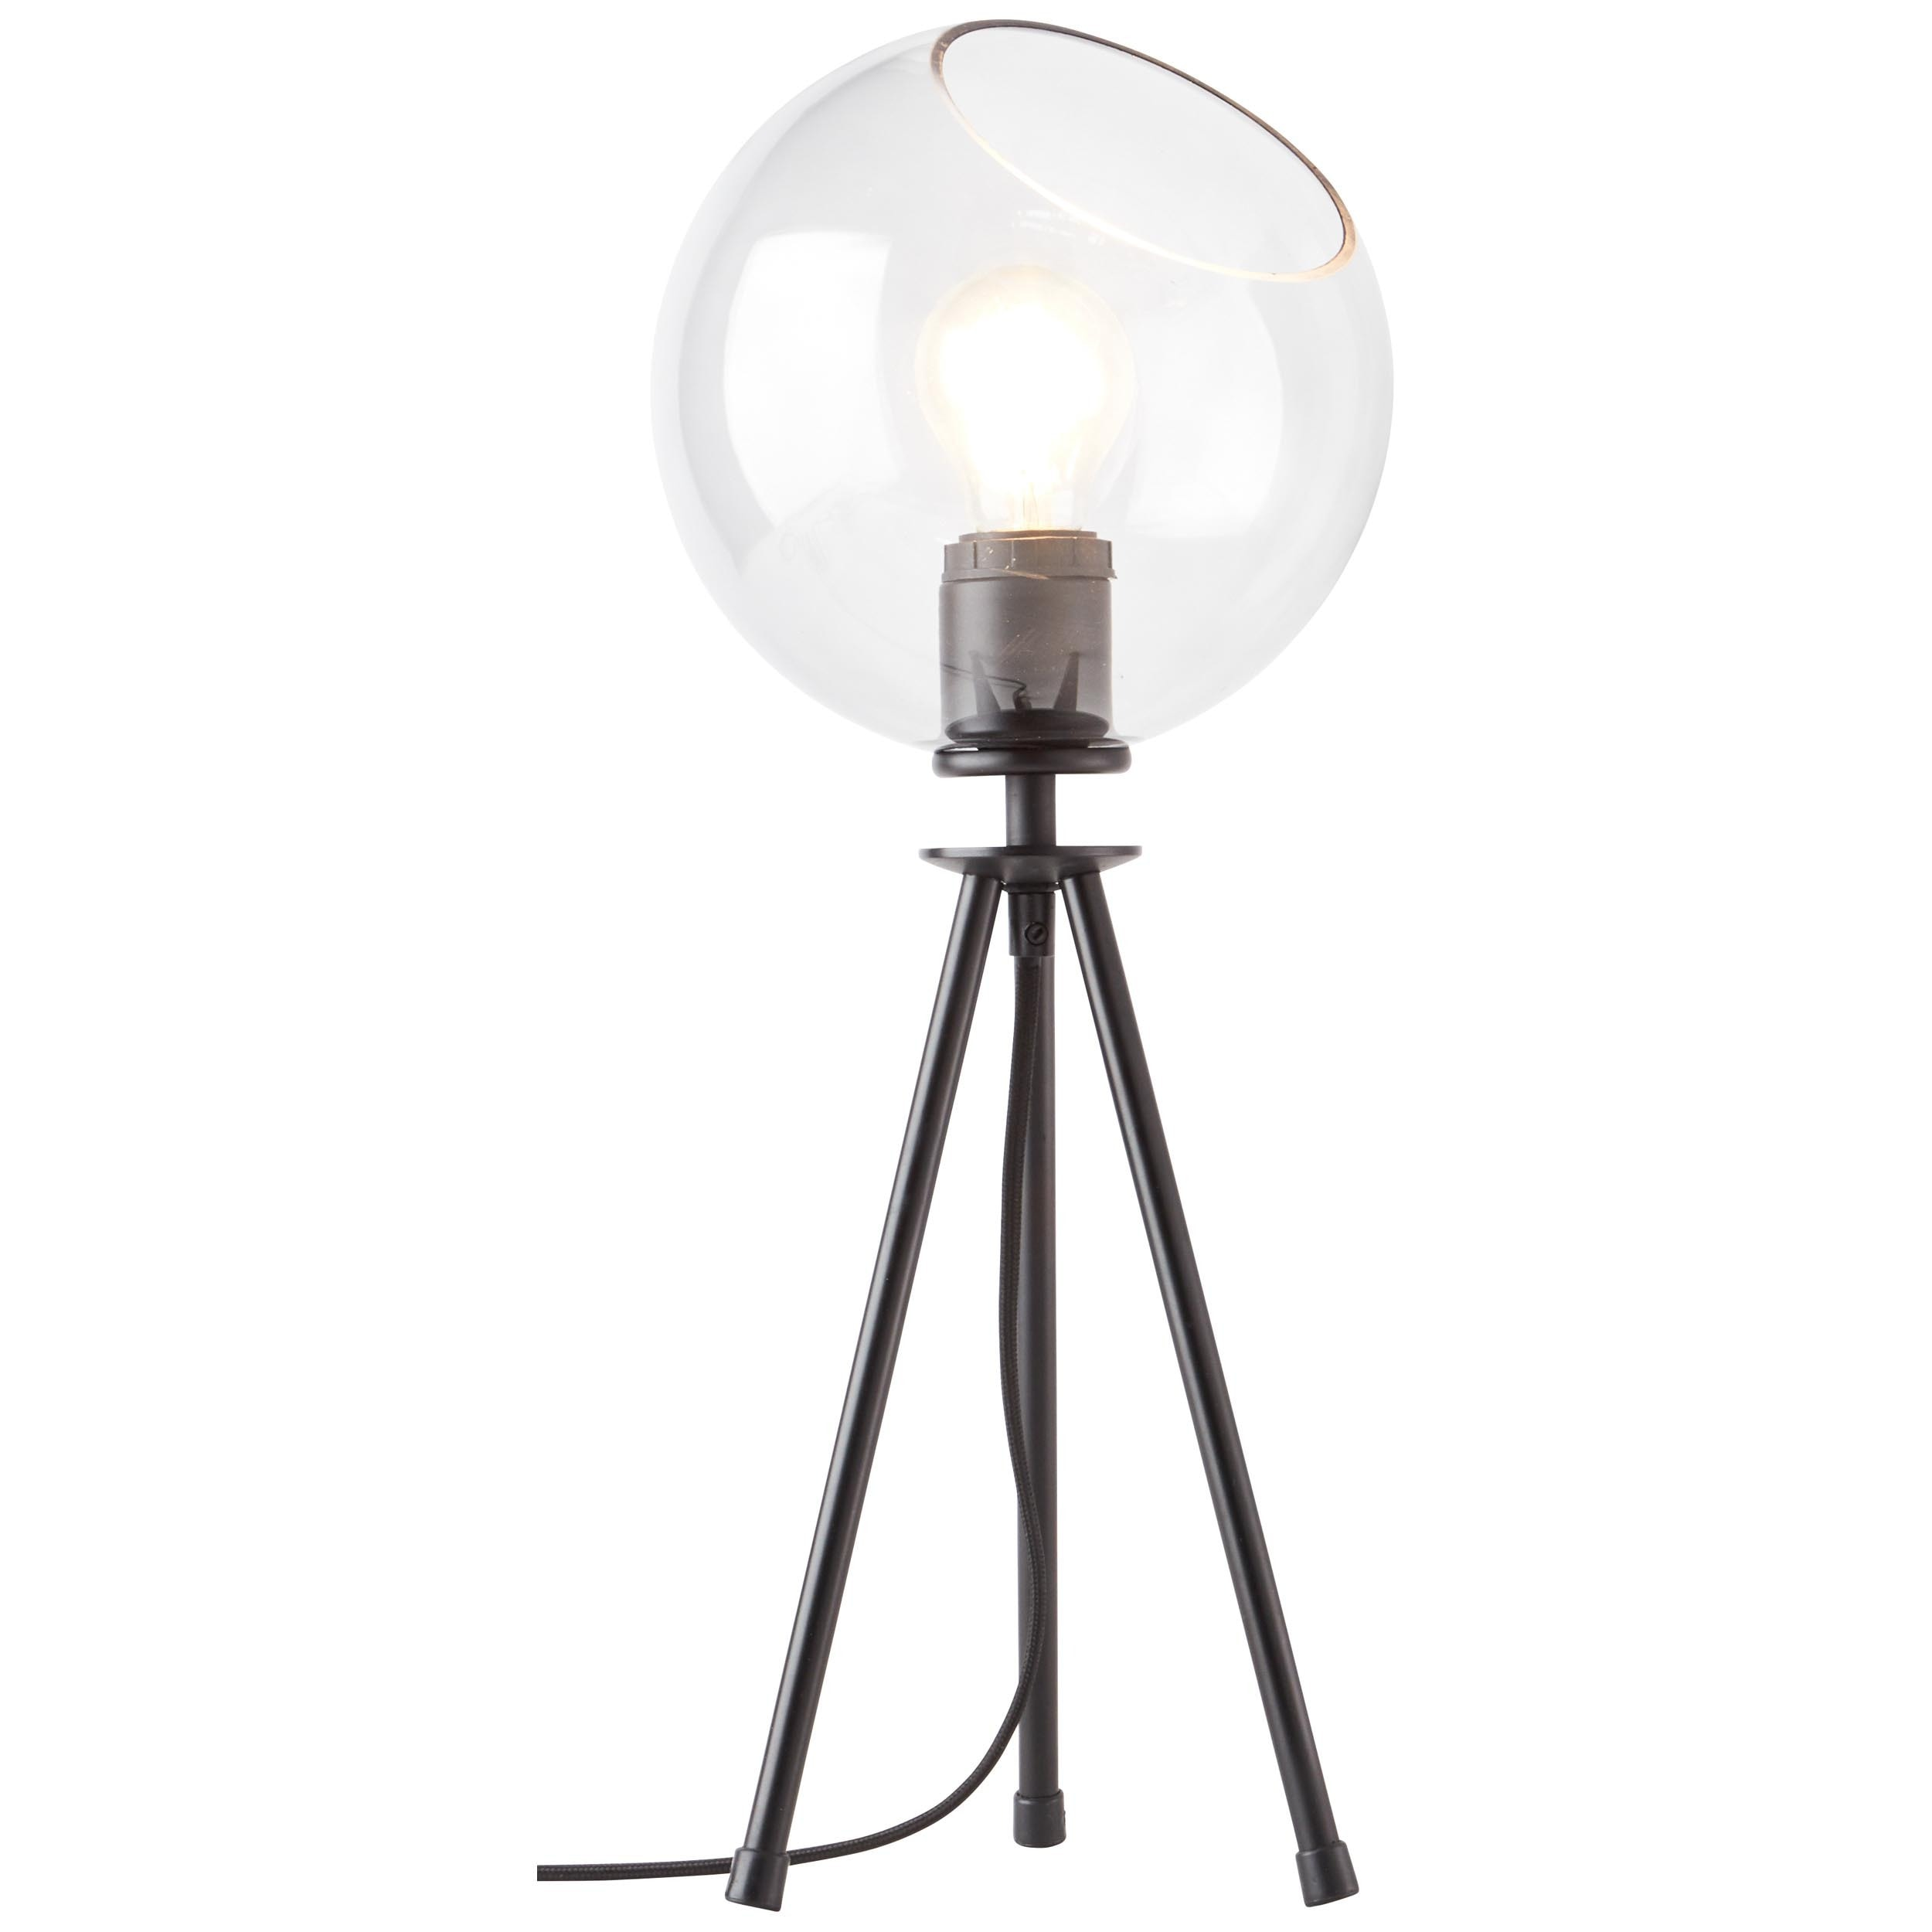 Brilliant Leuchten Tischleuchte, E27, Afton Tischleuchte schwarz/transparent